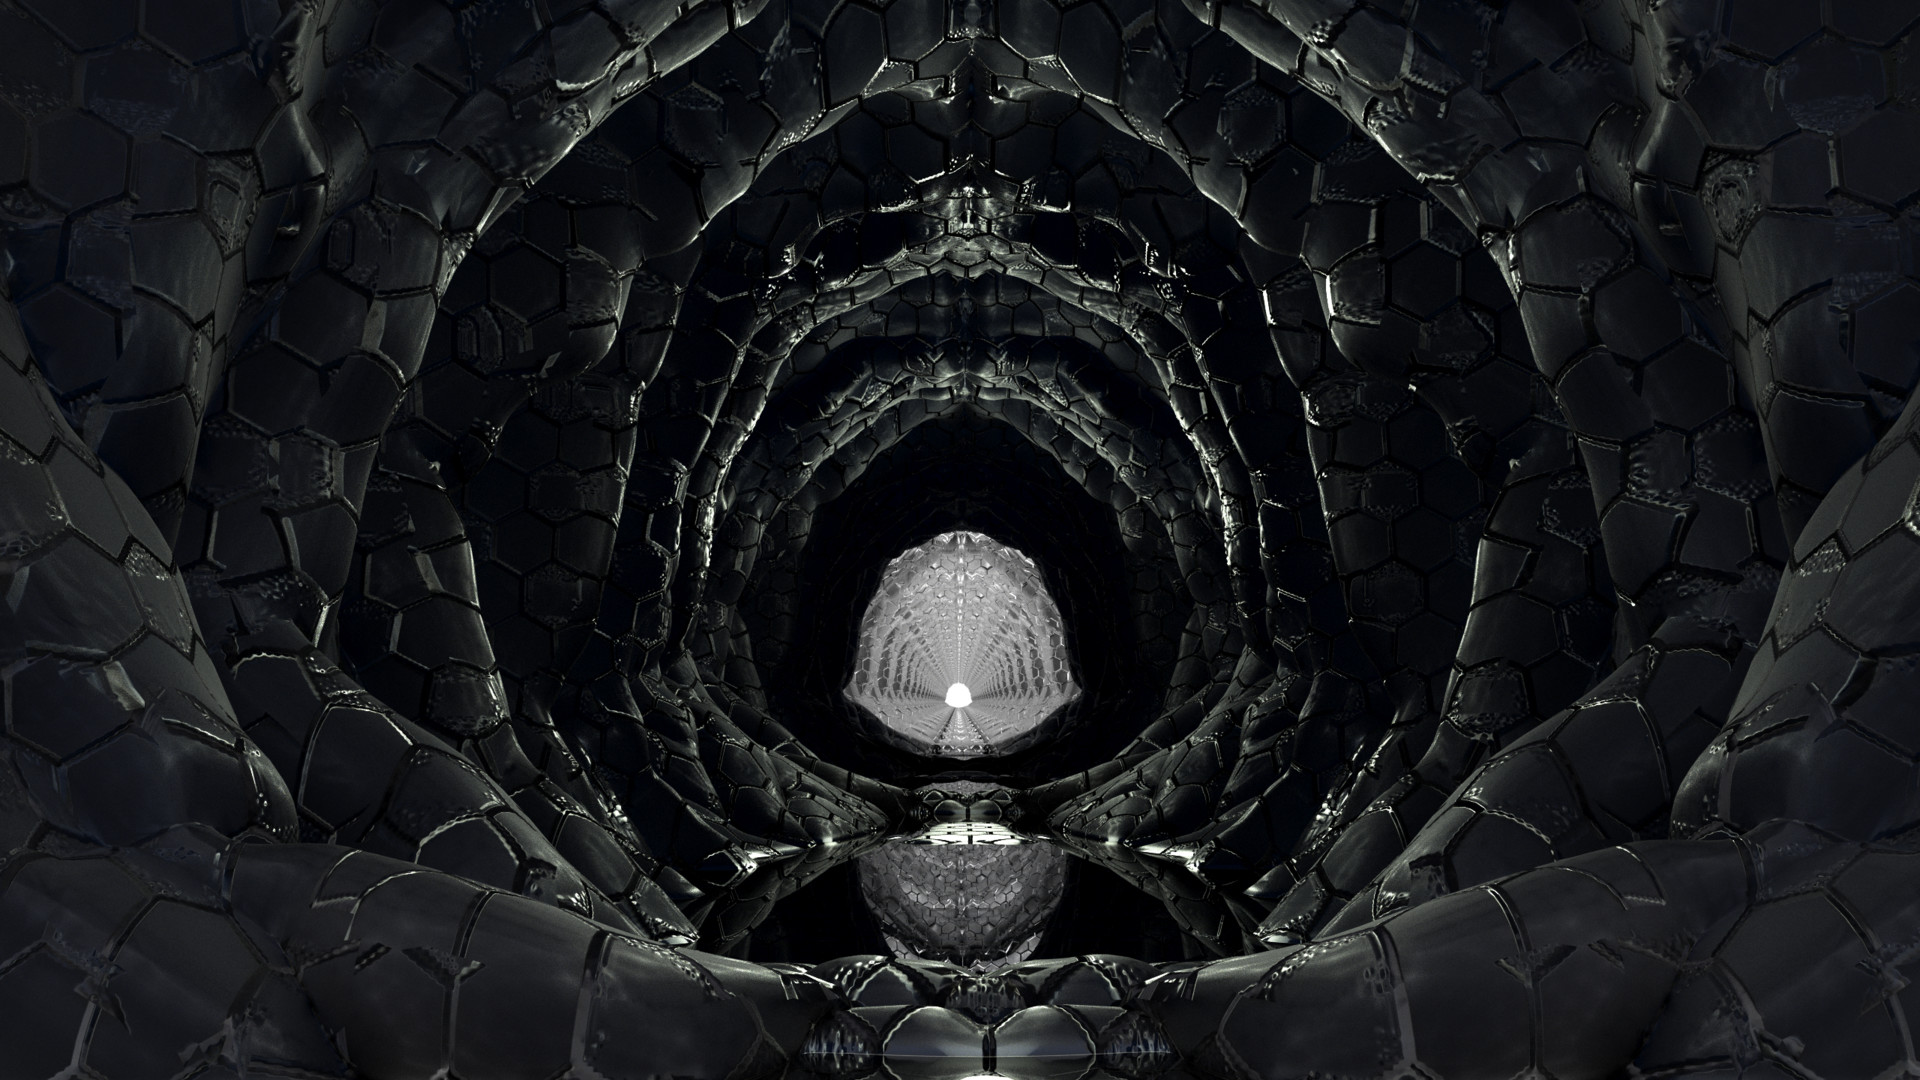 Kresimir jelusic robob3ar 251 200616 alien corridor